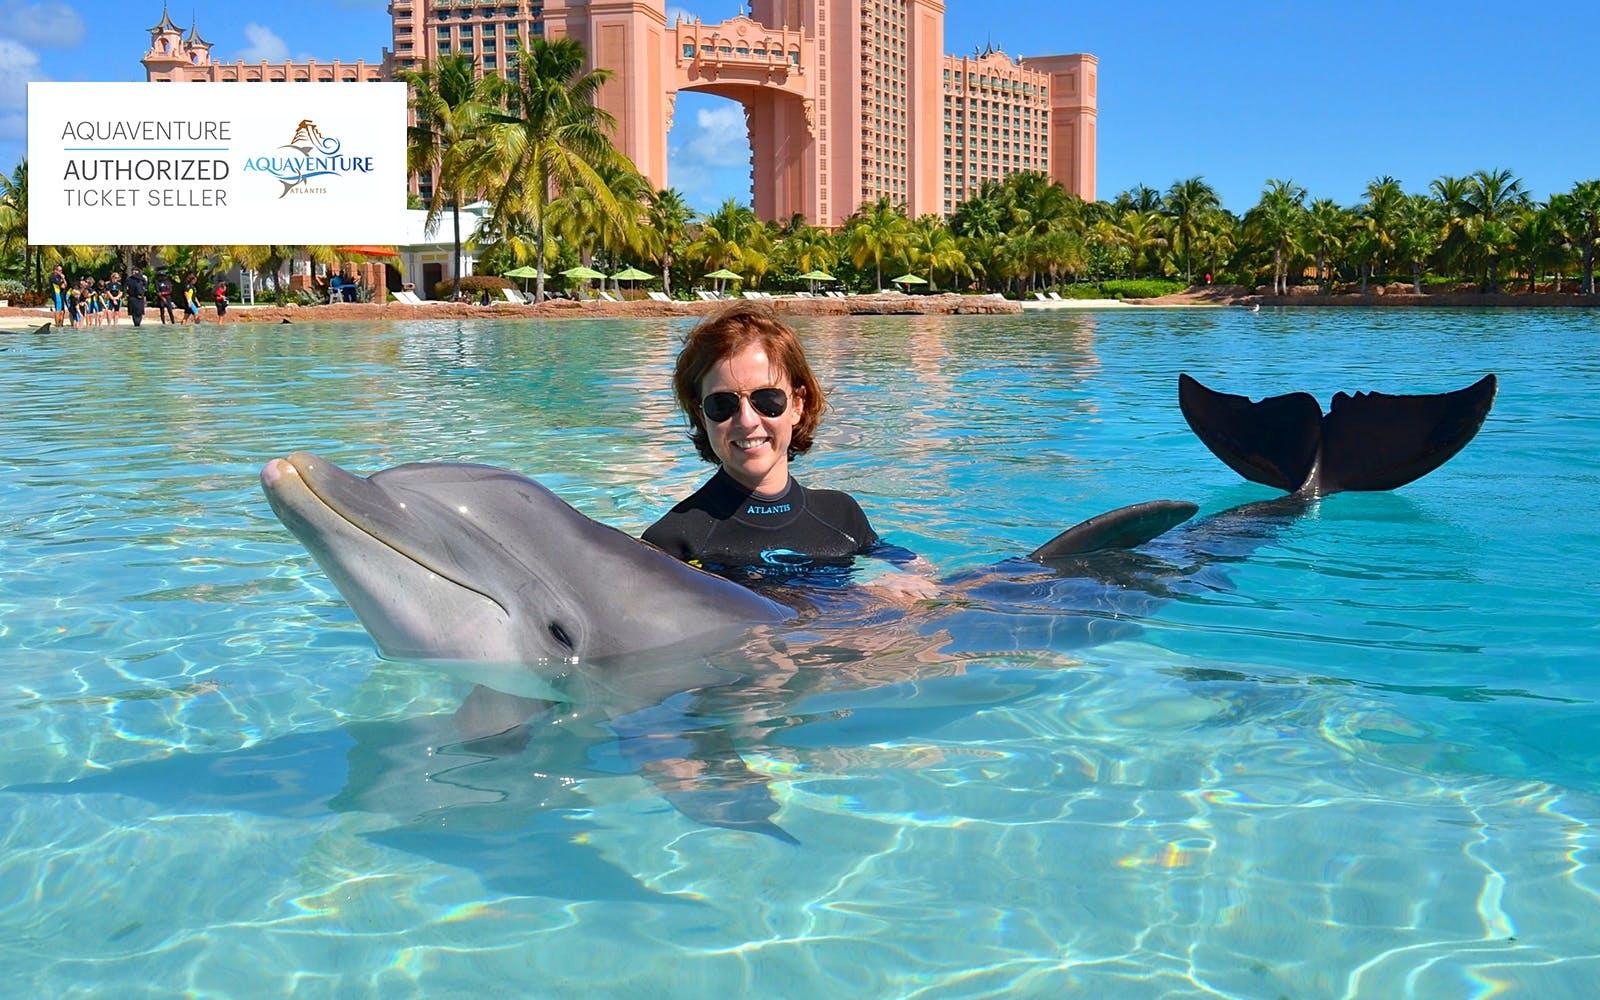 Aquaventure waterpark coupons